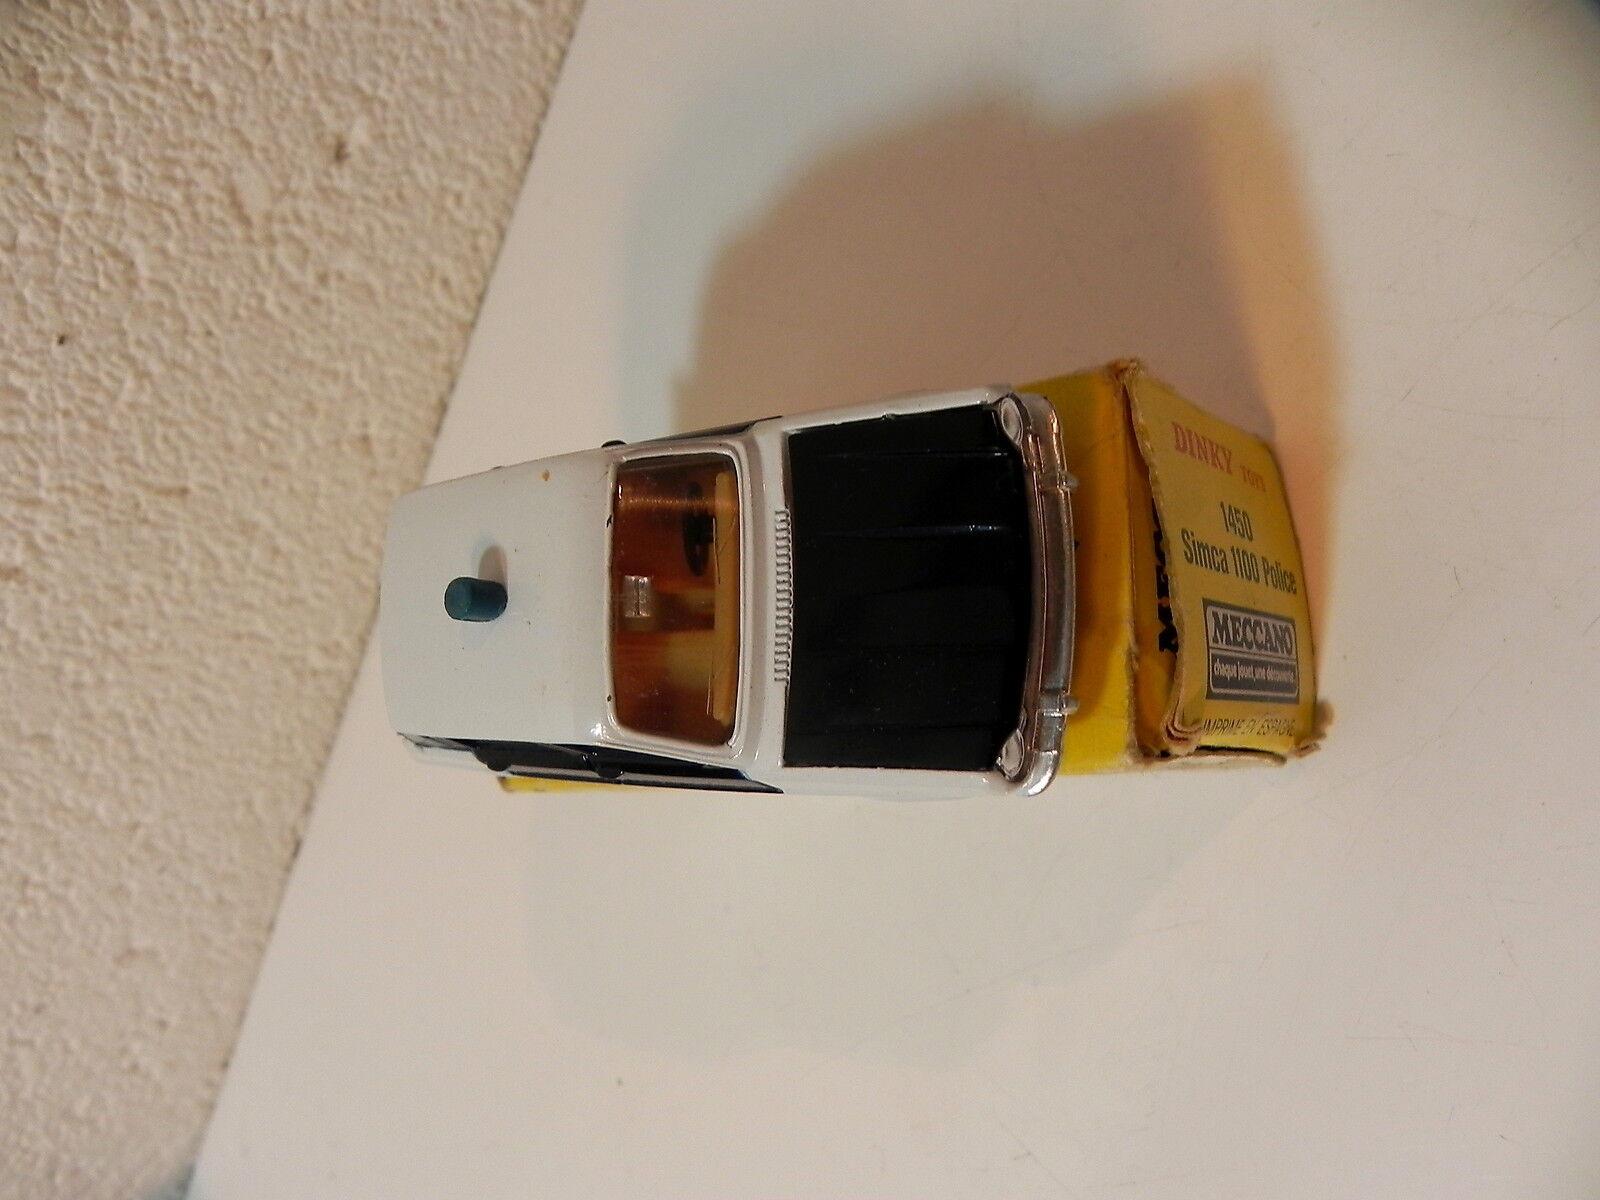 DINKY TOYS SPAIN 1450 SIMCA 1100 1100 1100 POLICE AVEC BOITE b04f36